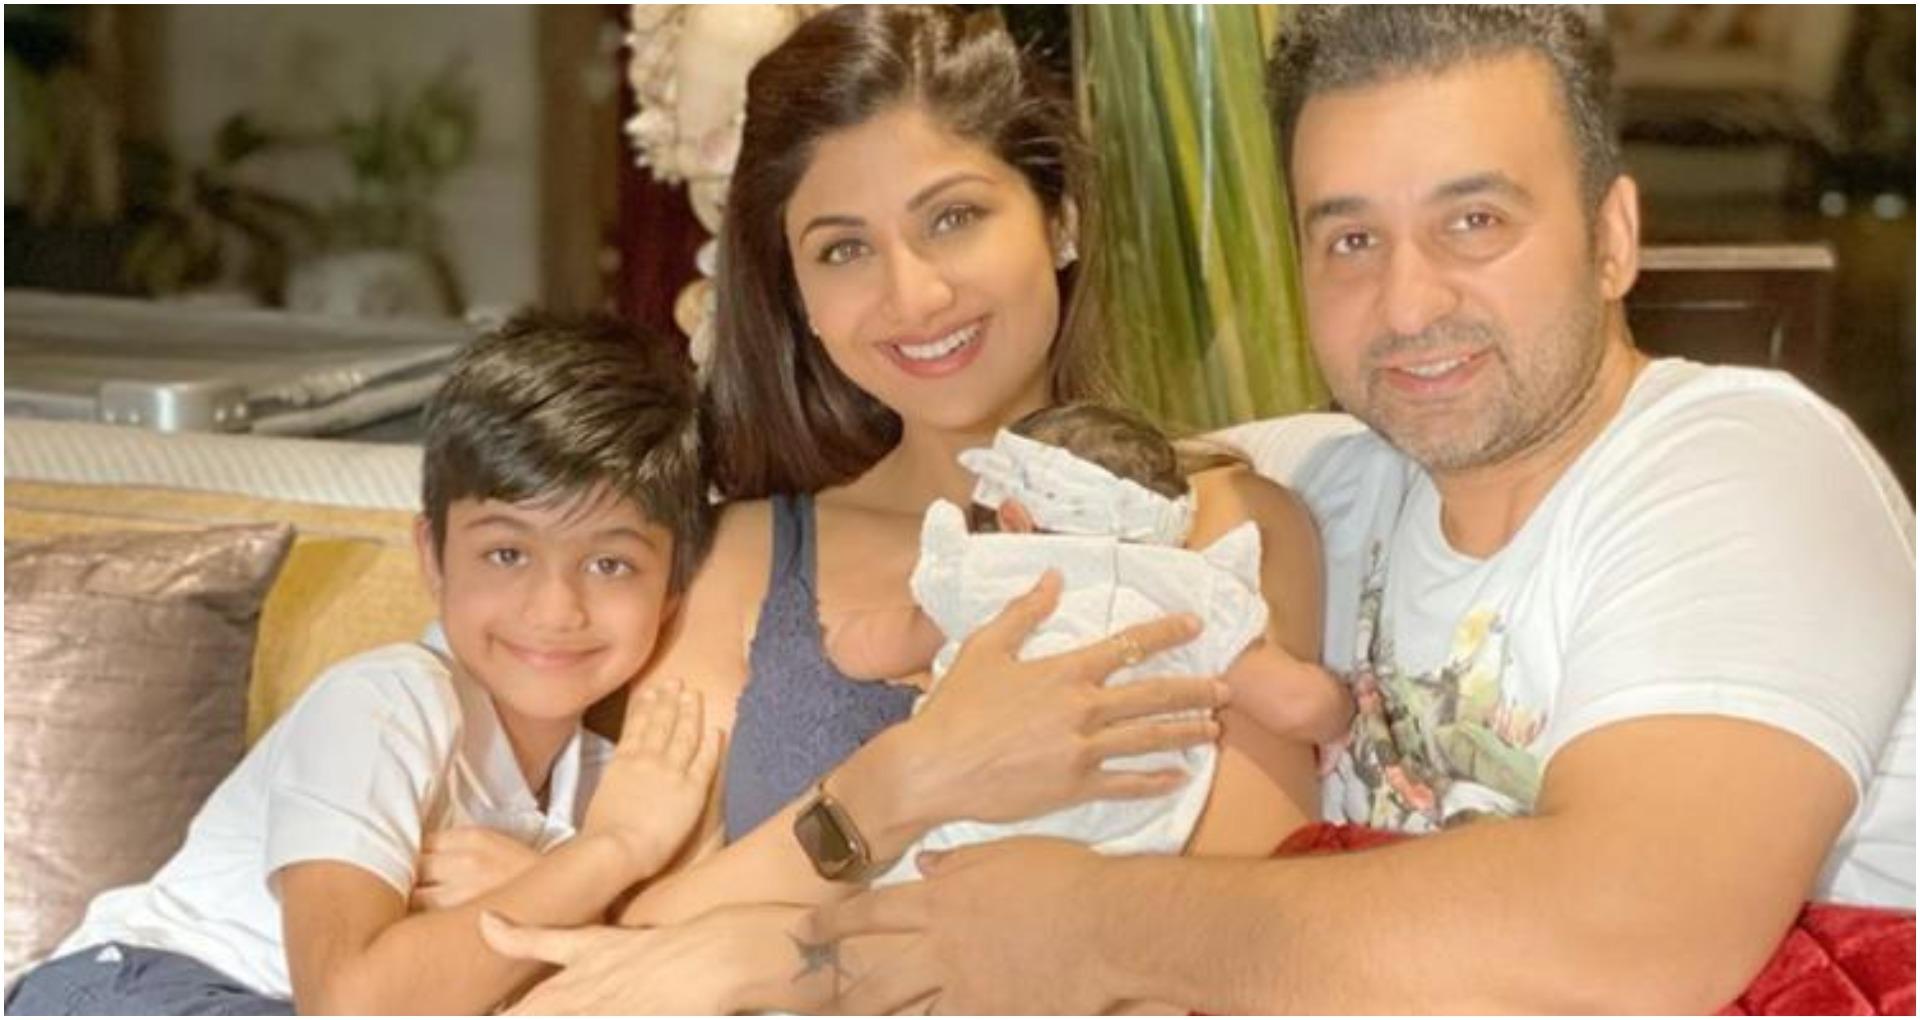 शिल्पा शेट्टी कुंद्रा और राज कुंद्रा की बेटी शमीशा की तस्वीर आई सामने, शिल्पा ने बताया आज का दिन हैं बहुत ख़ास